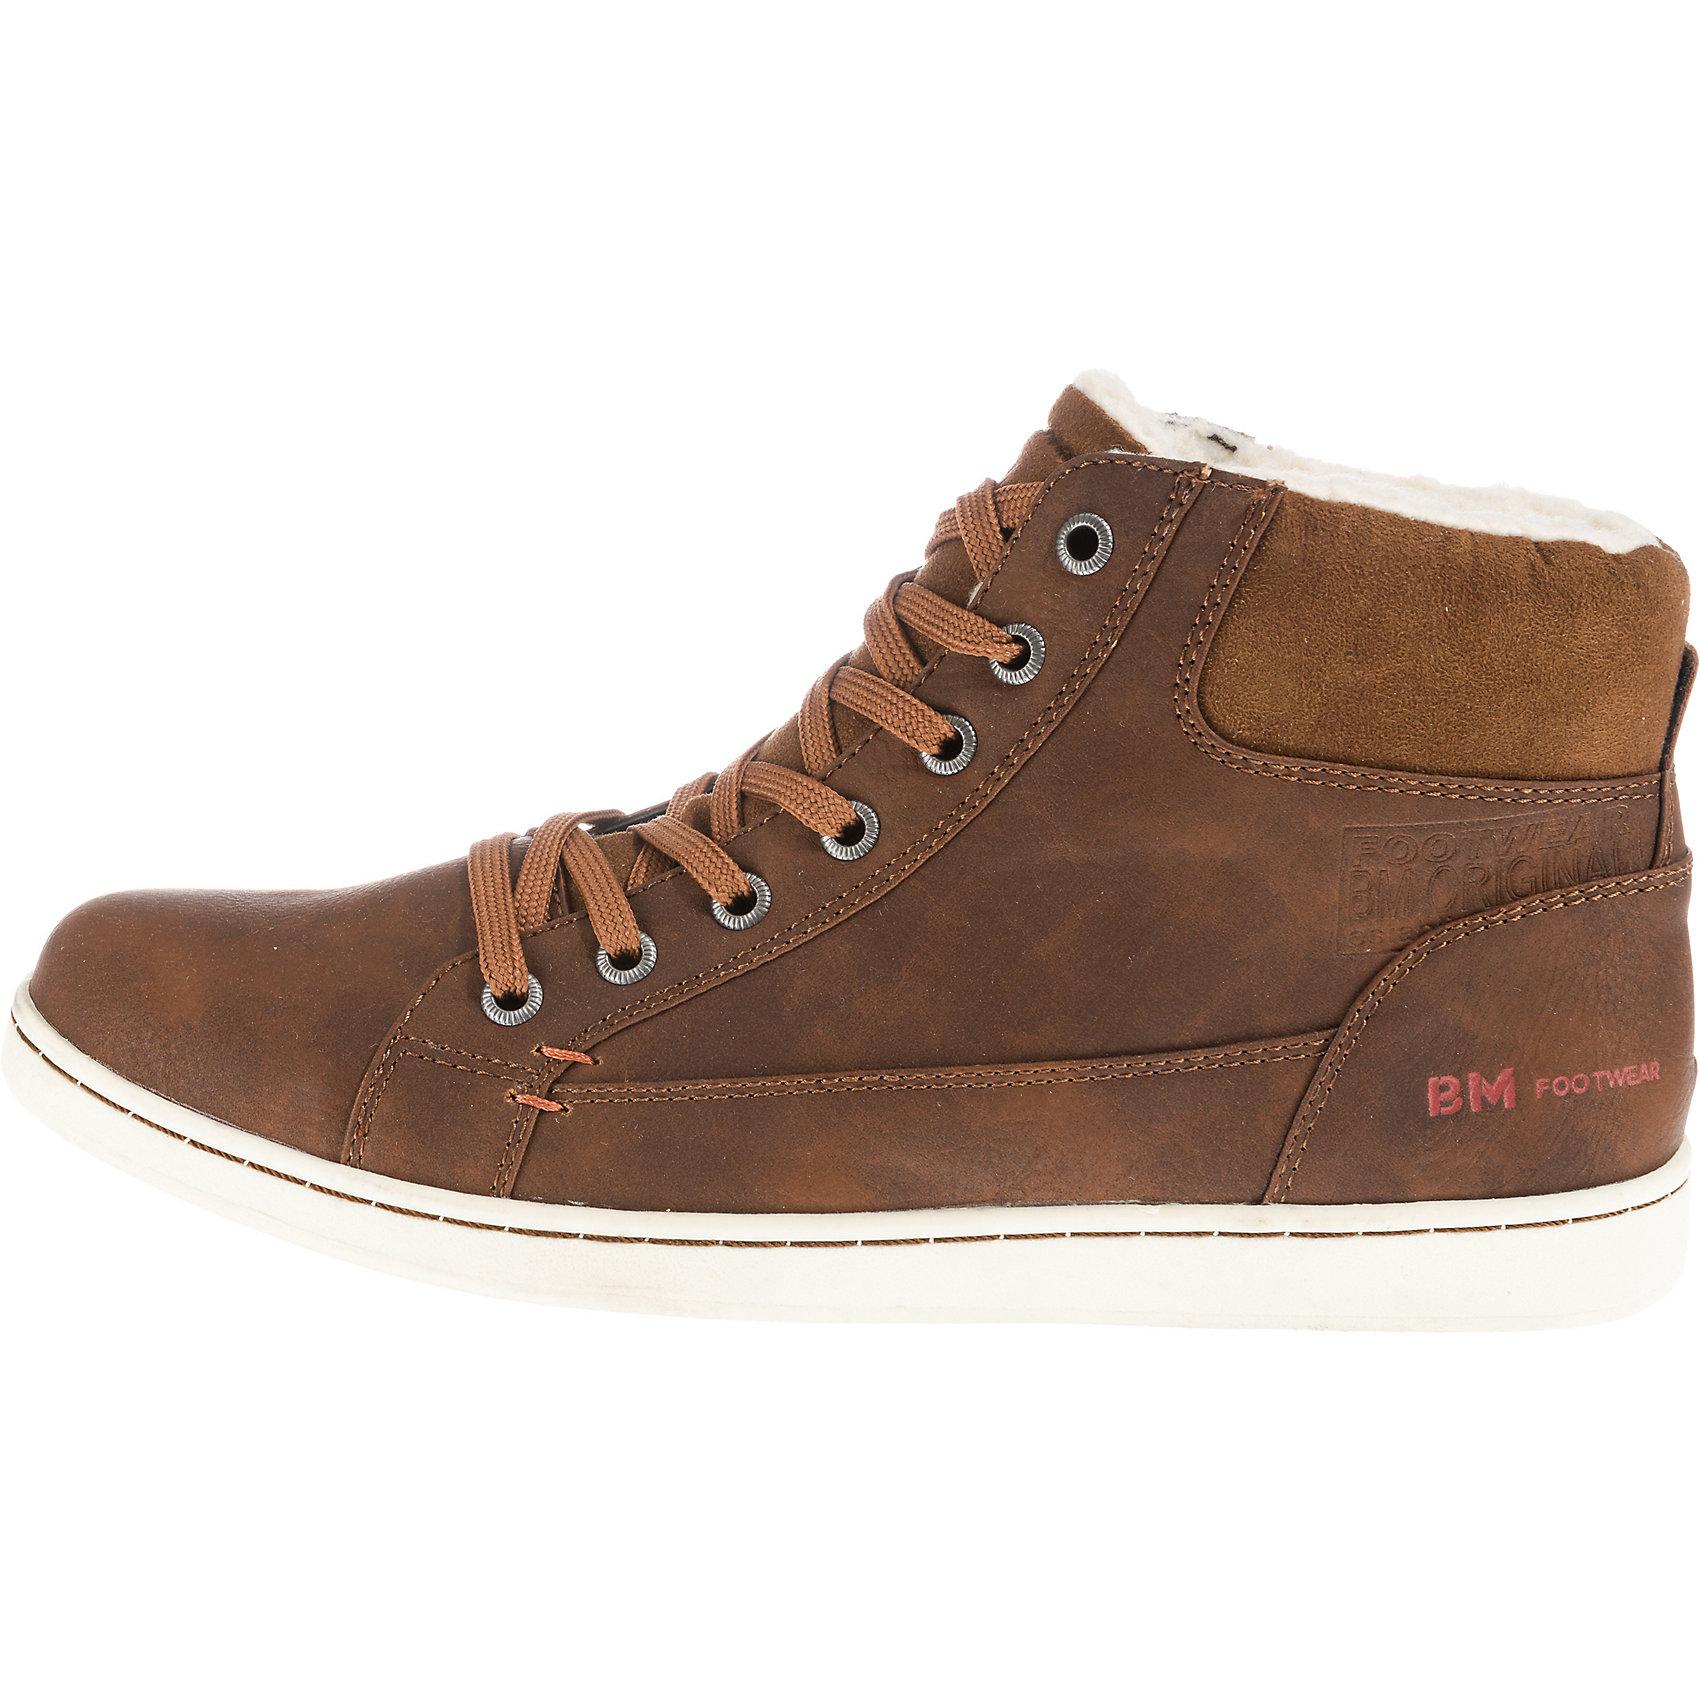 Neu BM Footwear Footwear BM Sneakers High 8806810 für Herren schwarz braun 06ad7a